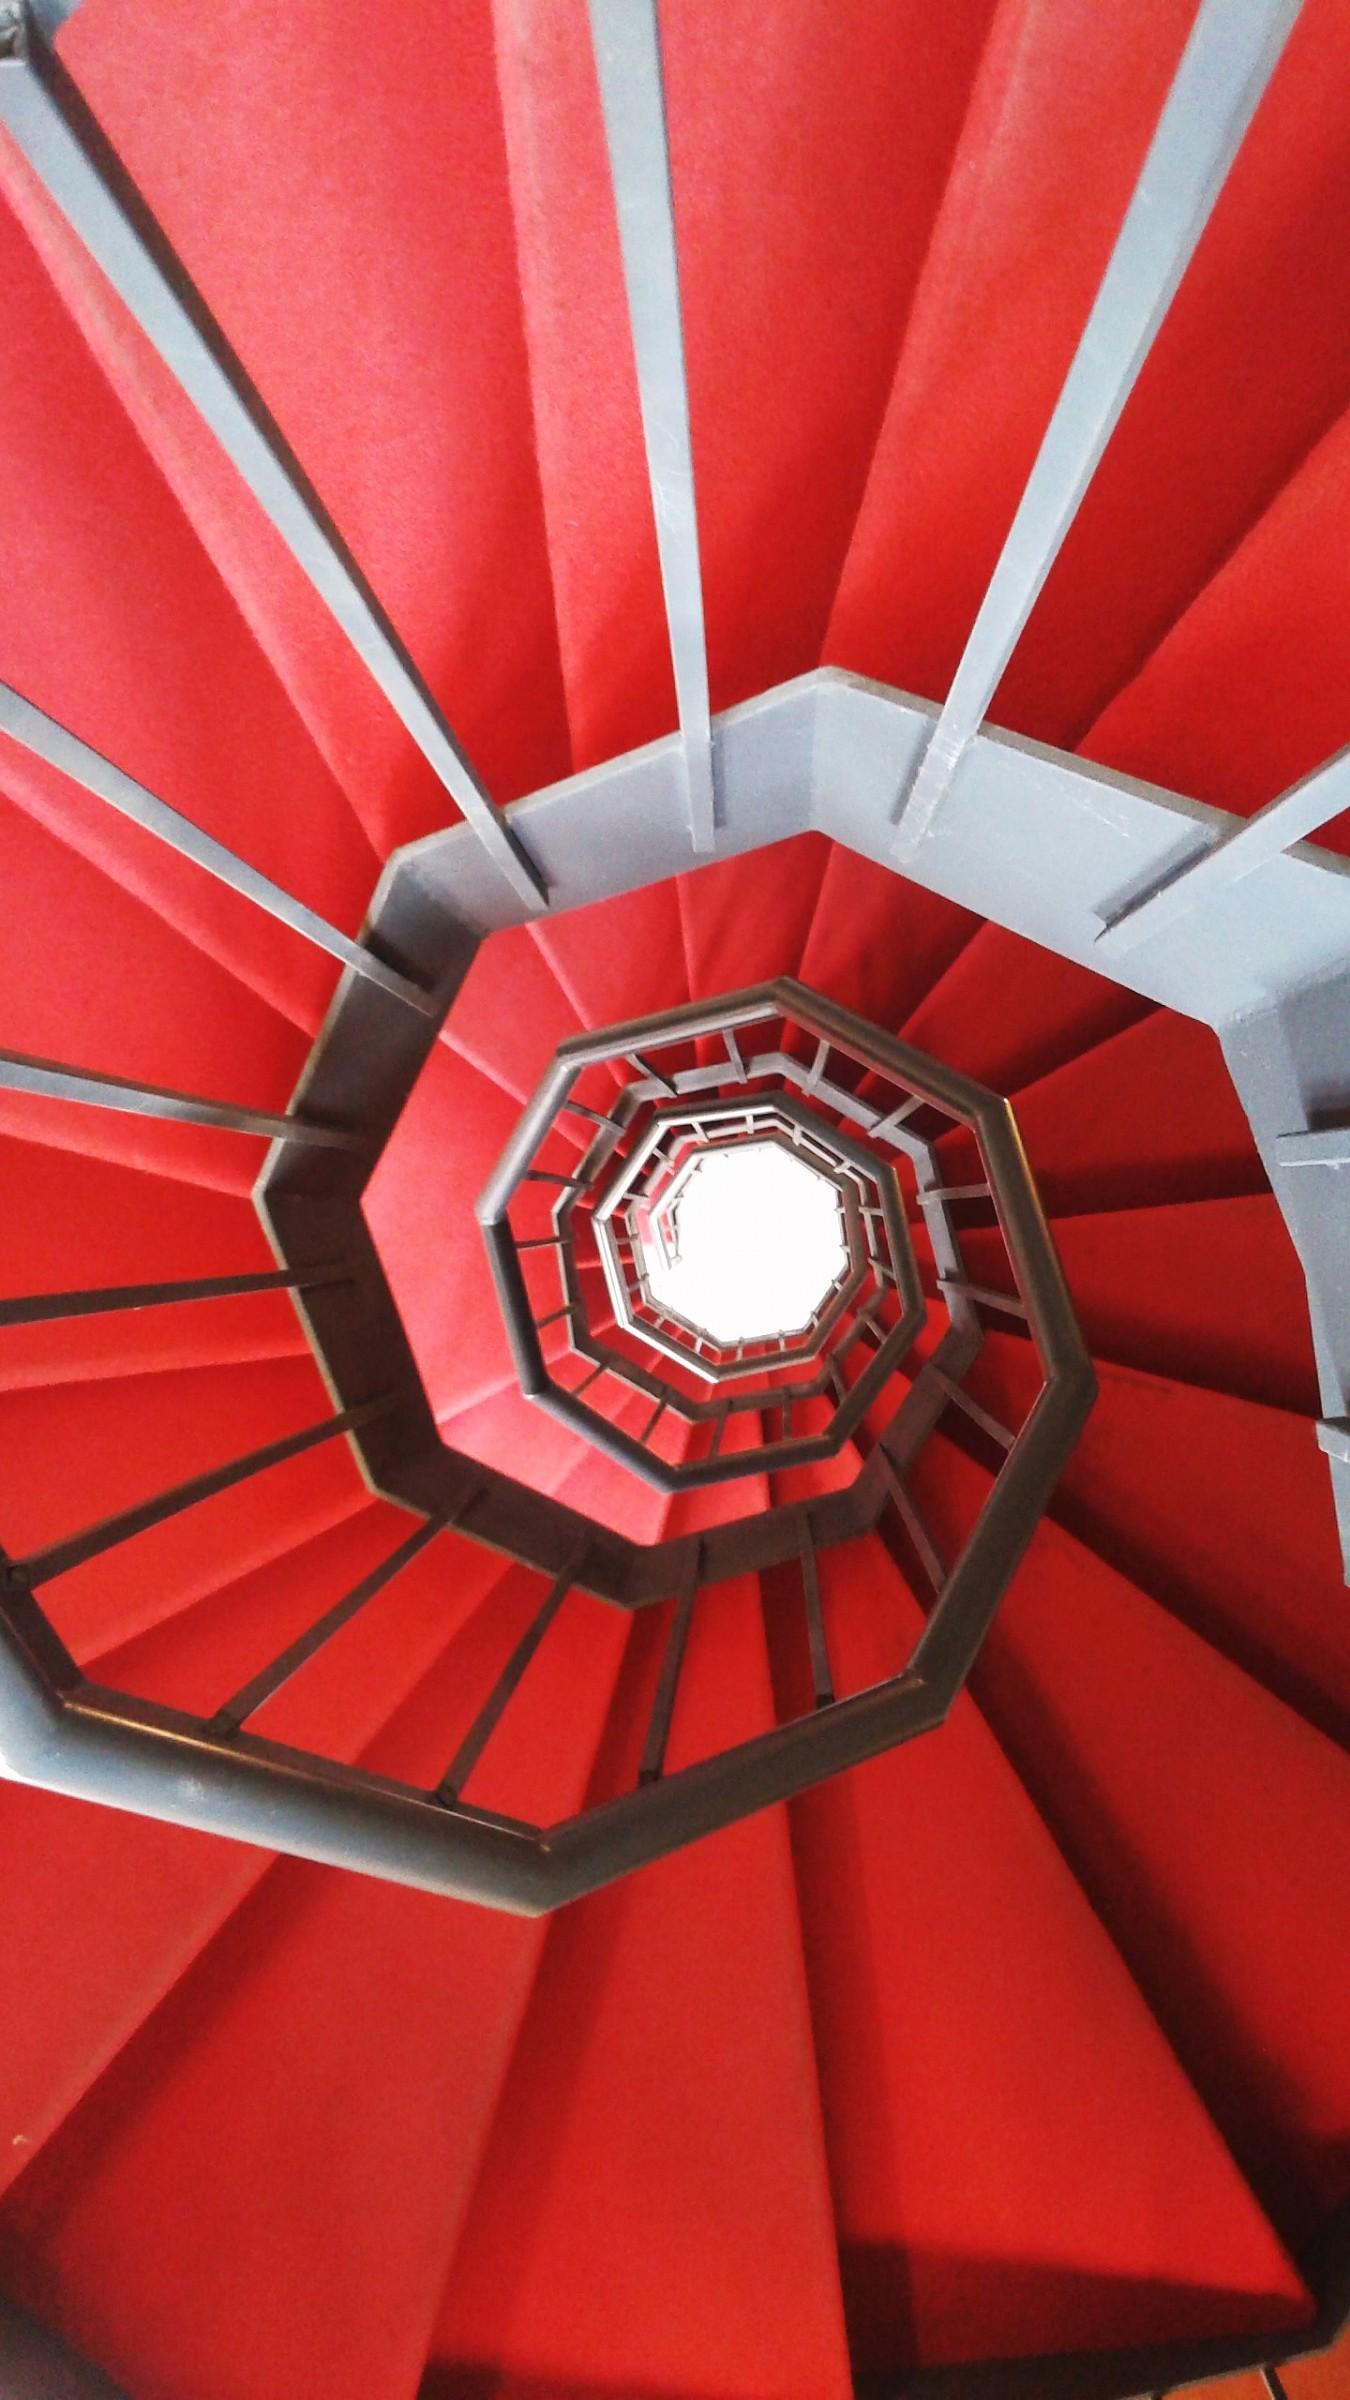 Spirale rossa...